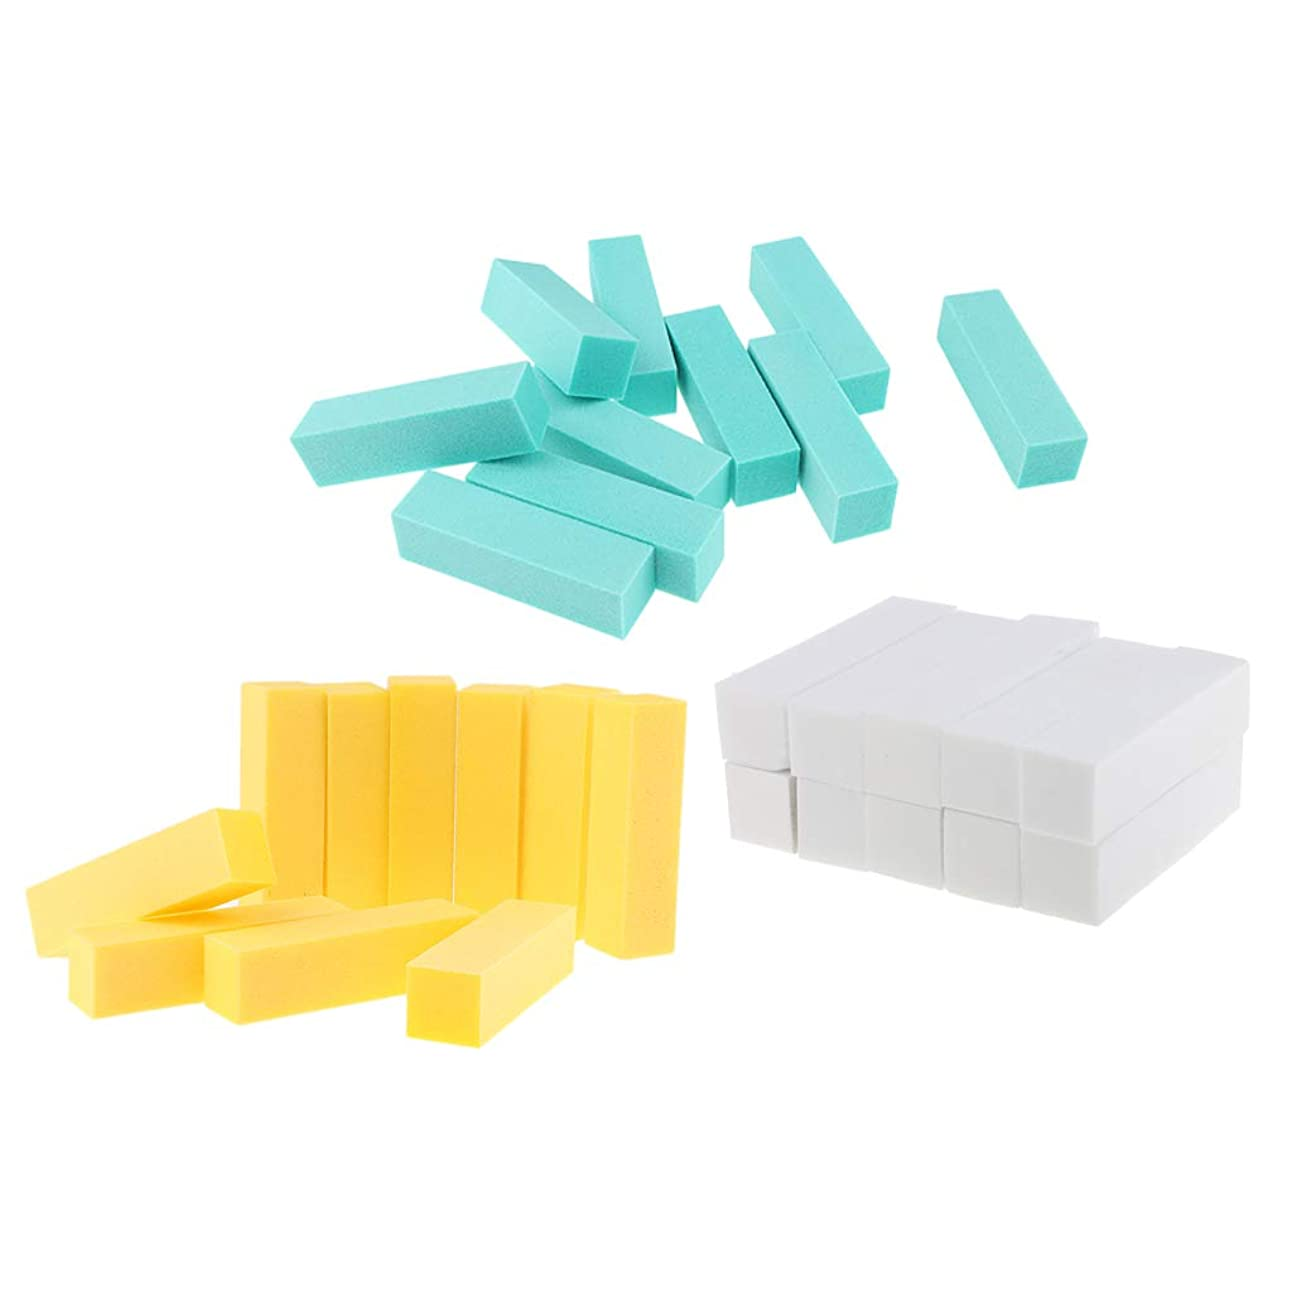 Toygogo 30pcsネイルバッファースポンジサンディングブロックマニキュアネイルアートヒントツール